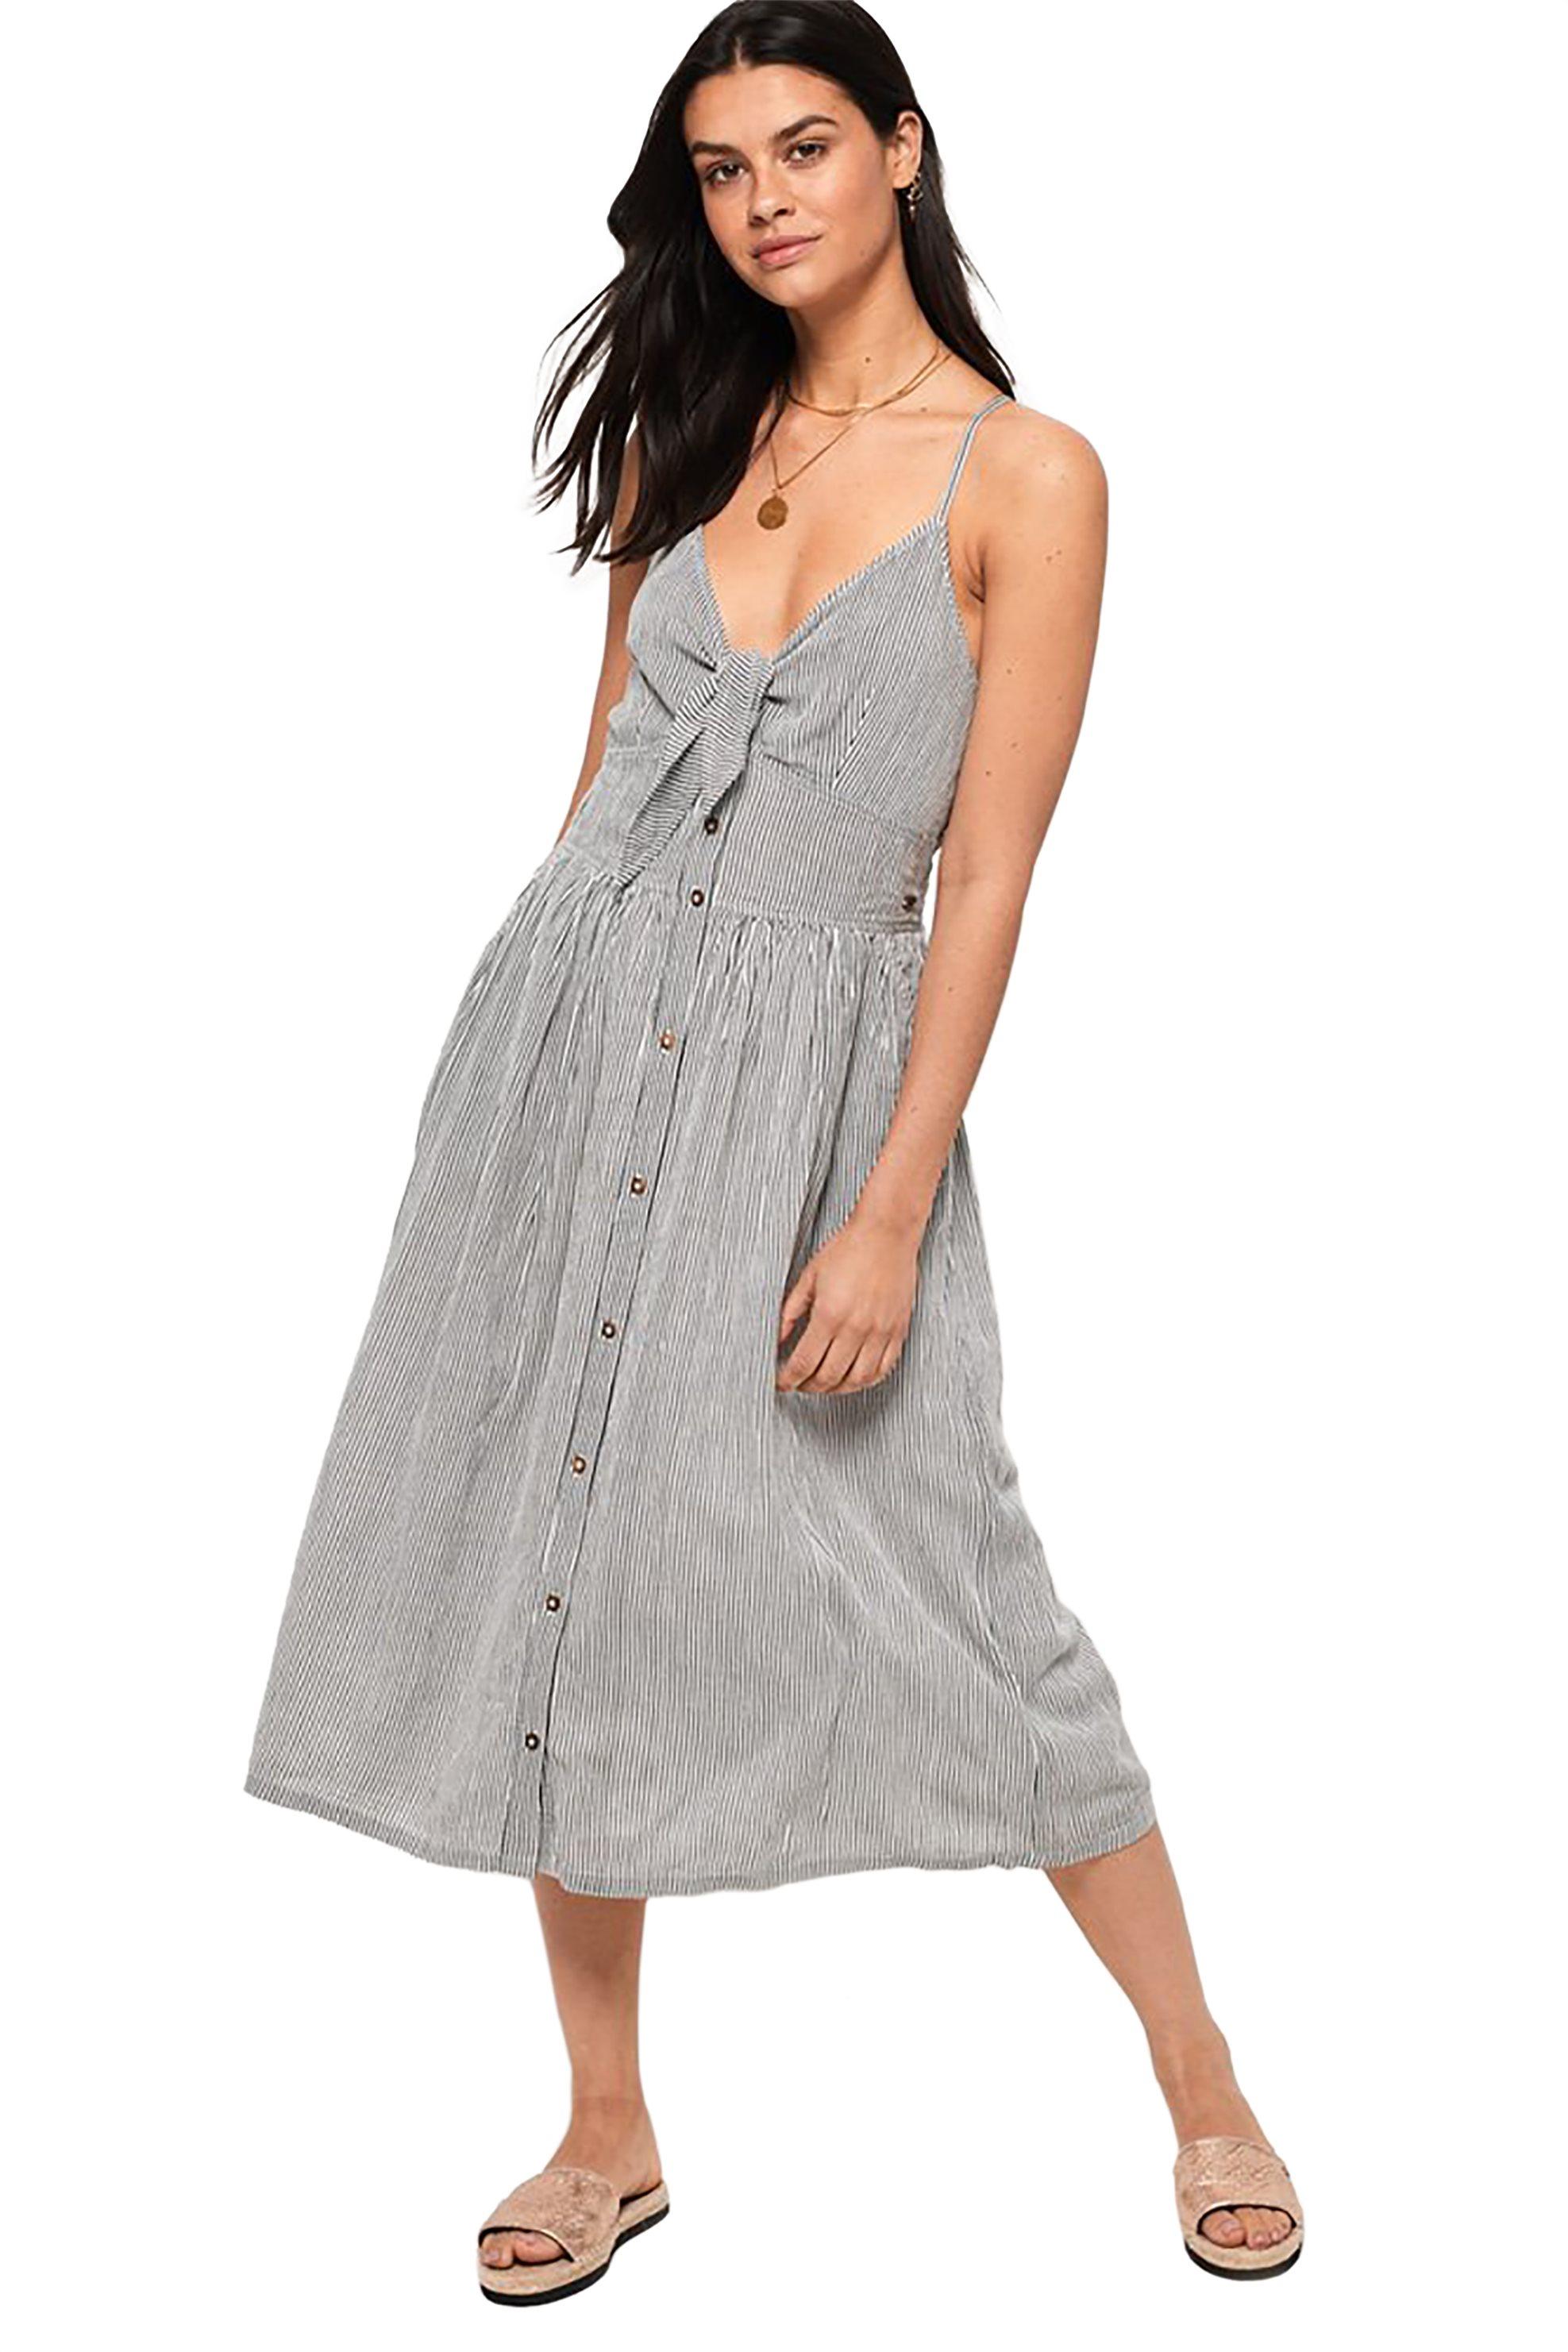 Superdry γυναικείο φόρεμα με δέσιμο μπροστά Jayde - G80124OT - Γκρι γυναικα   ρουχα   φορέματα   midi φορέματα